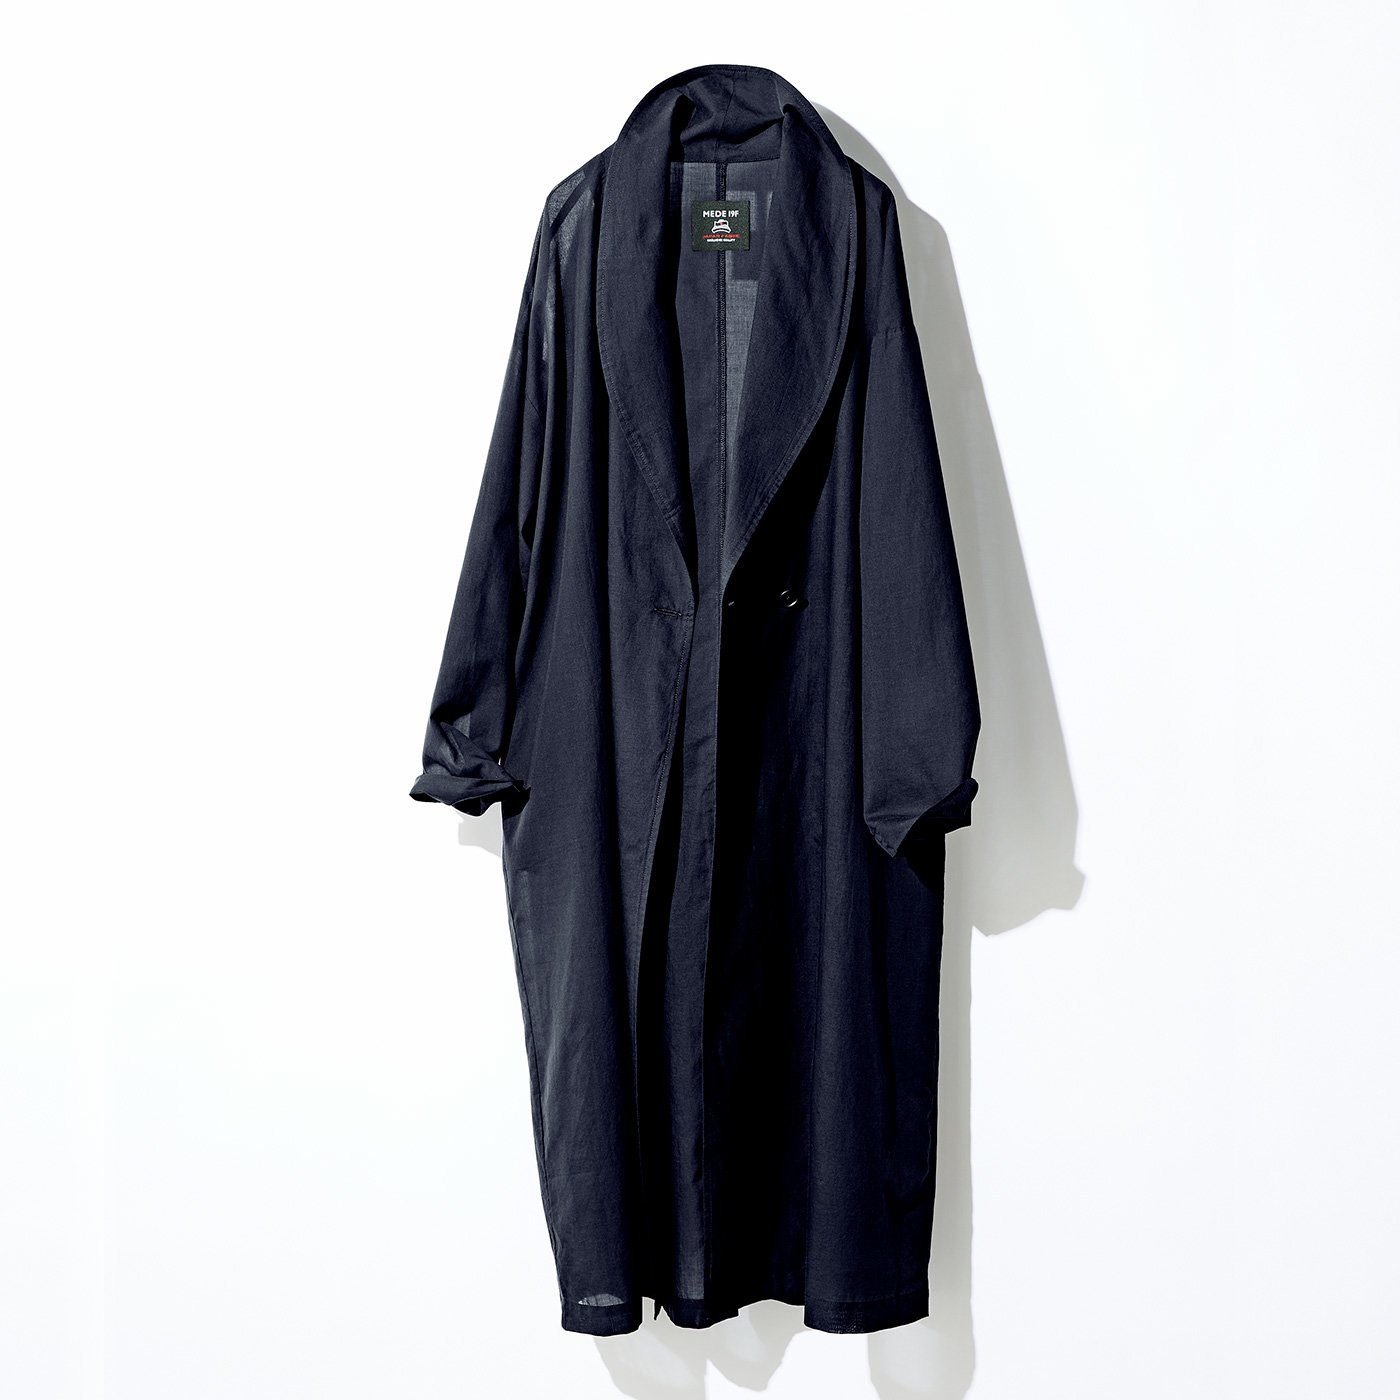 MEDE19F ジャパンファブリックを使用した ショールカラーコート〈ブラック〉